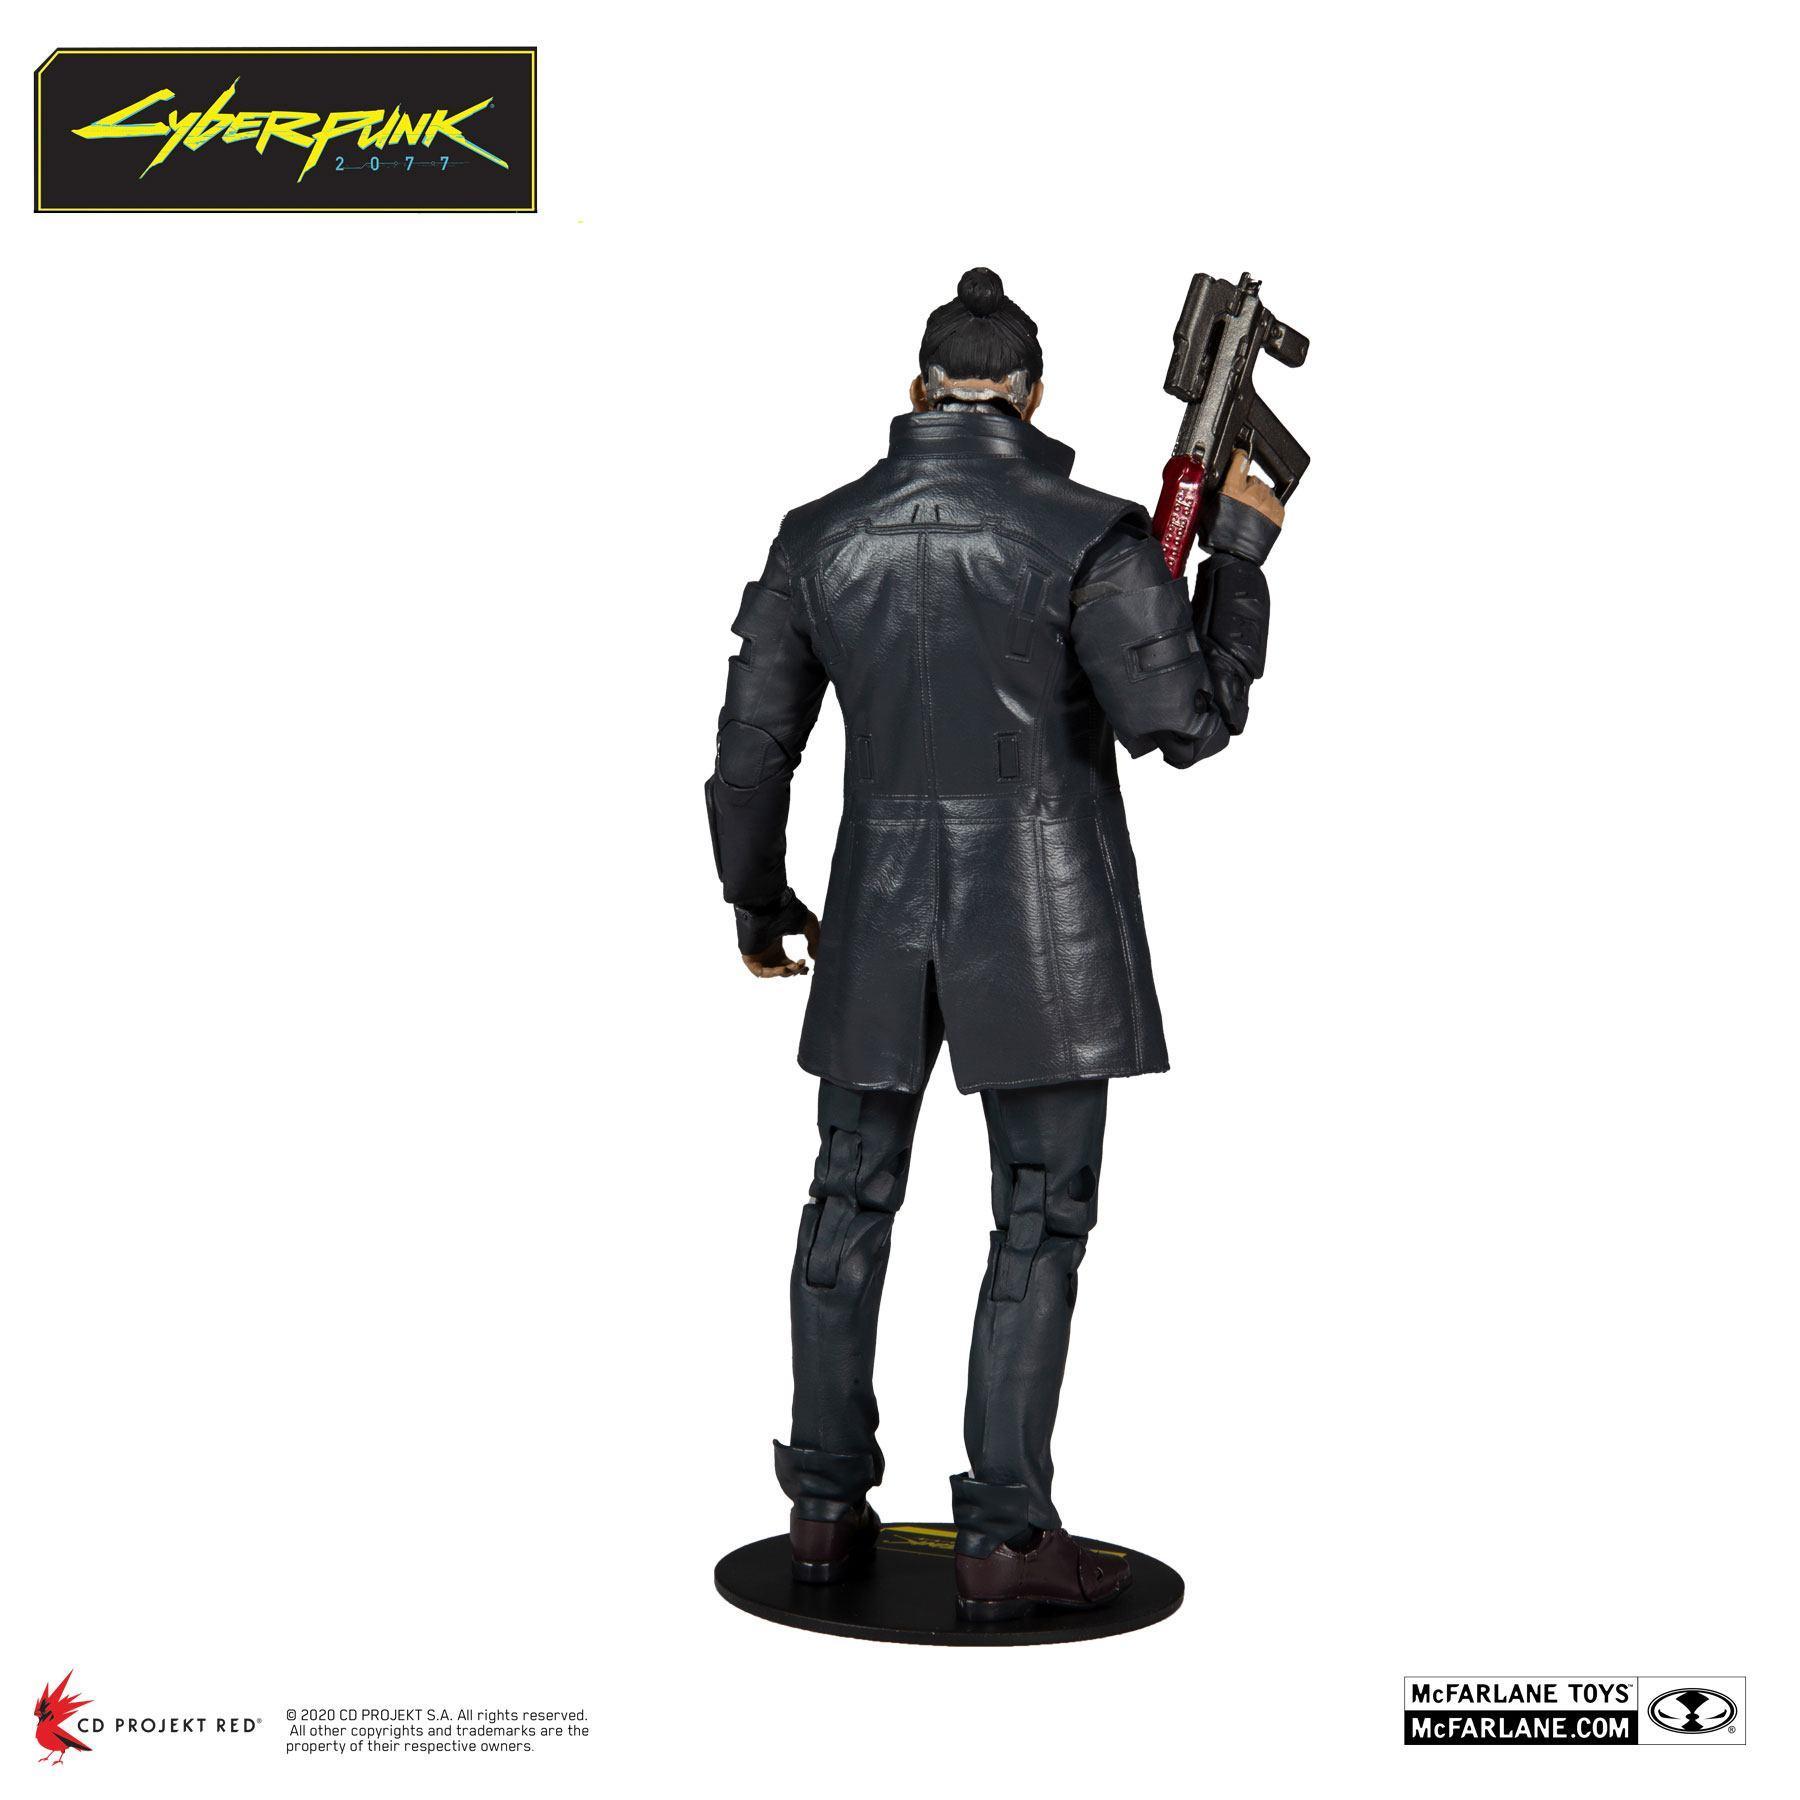 Cyberpunk 2077 figurine takemura 18 cm 3